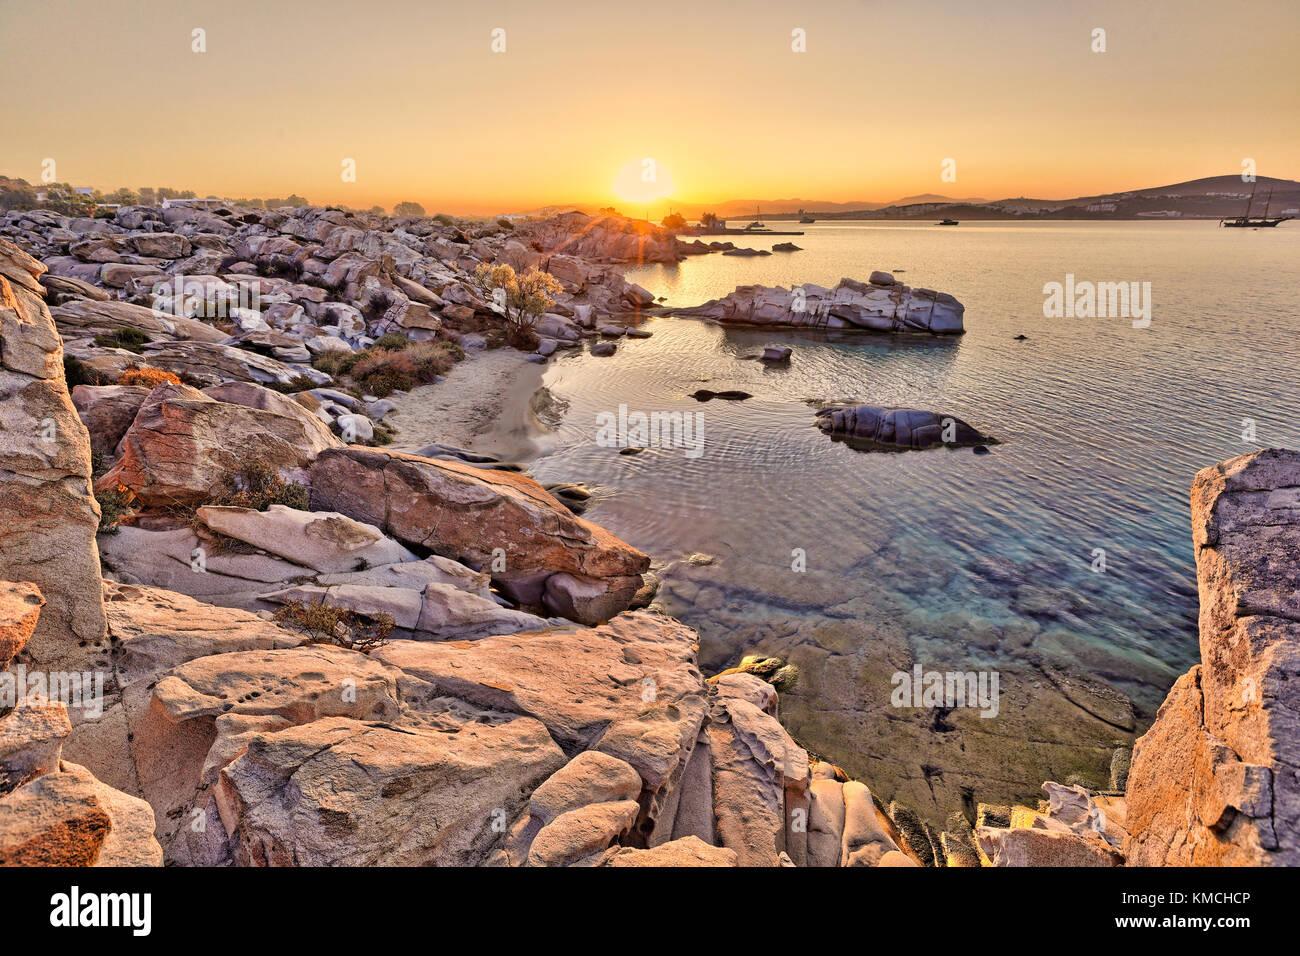 Den Sonnenaufgang in kolymbithres Strand auf der Insel Paros, Griechenland Stockbild